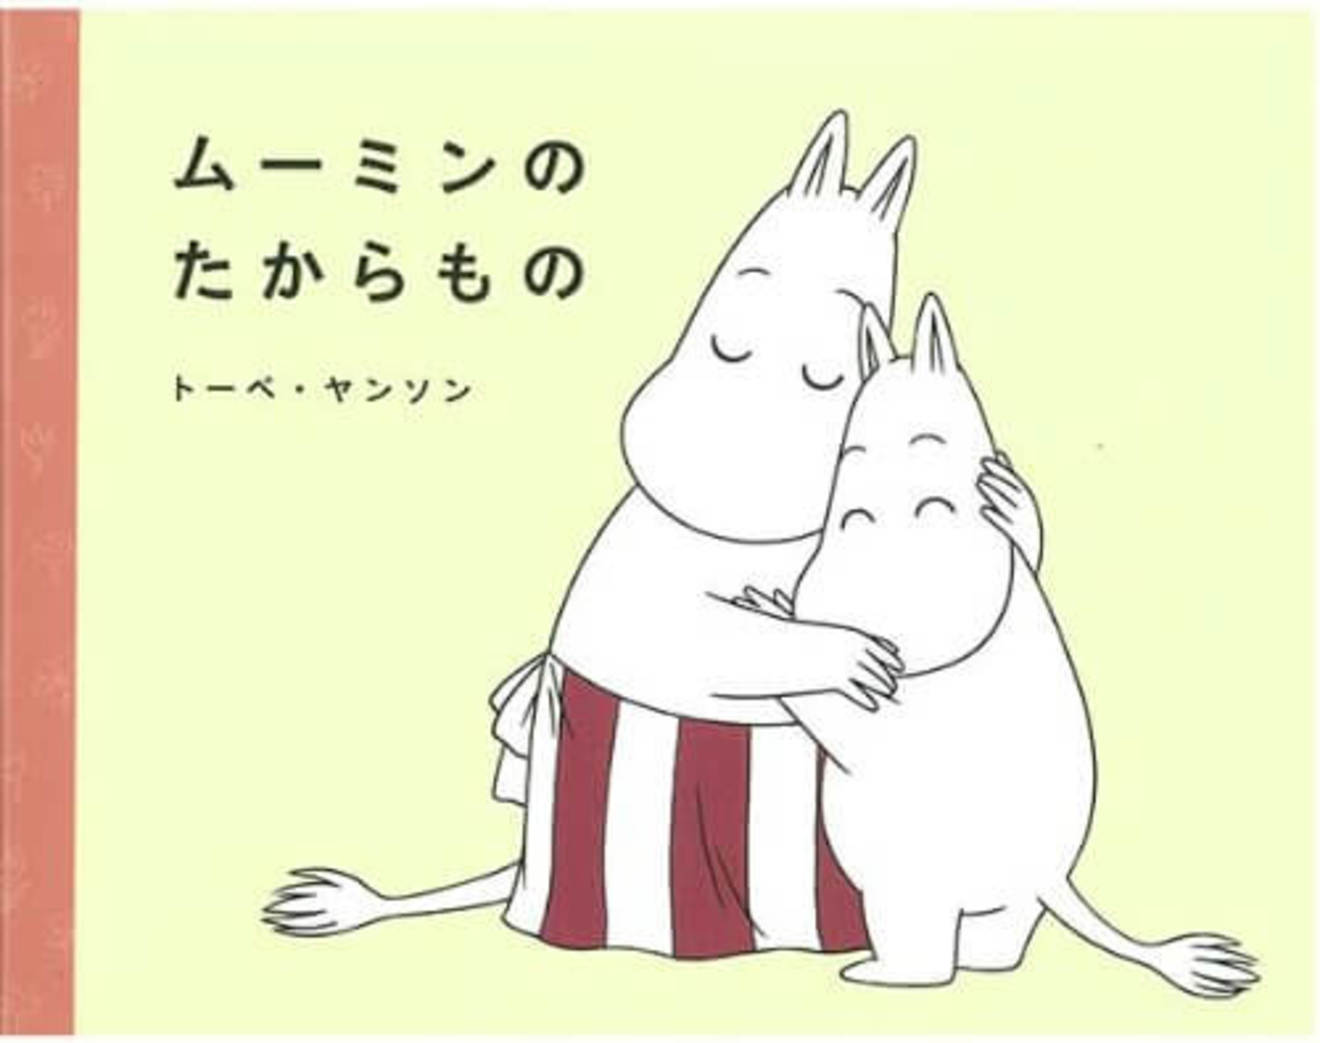 ムーミン谷のキャラクターをご紹介!おすすめの絵本6選